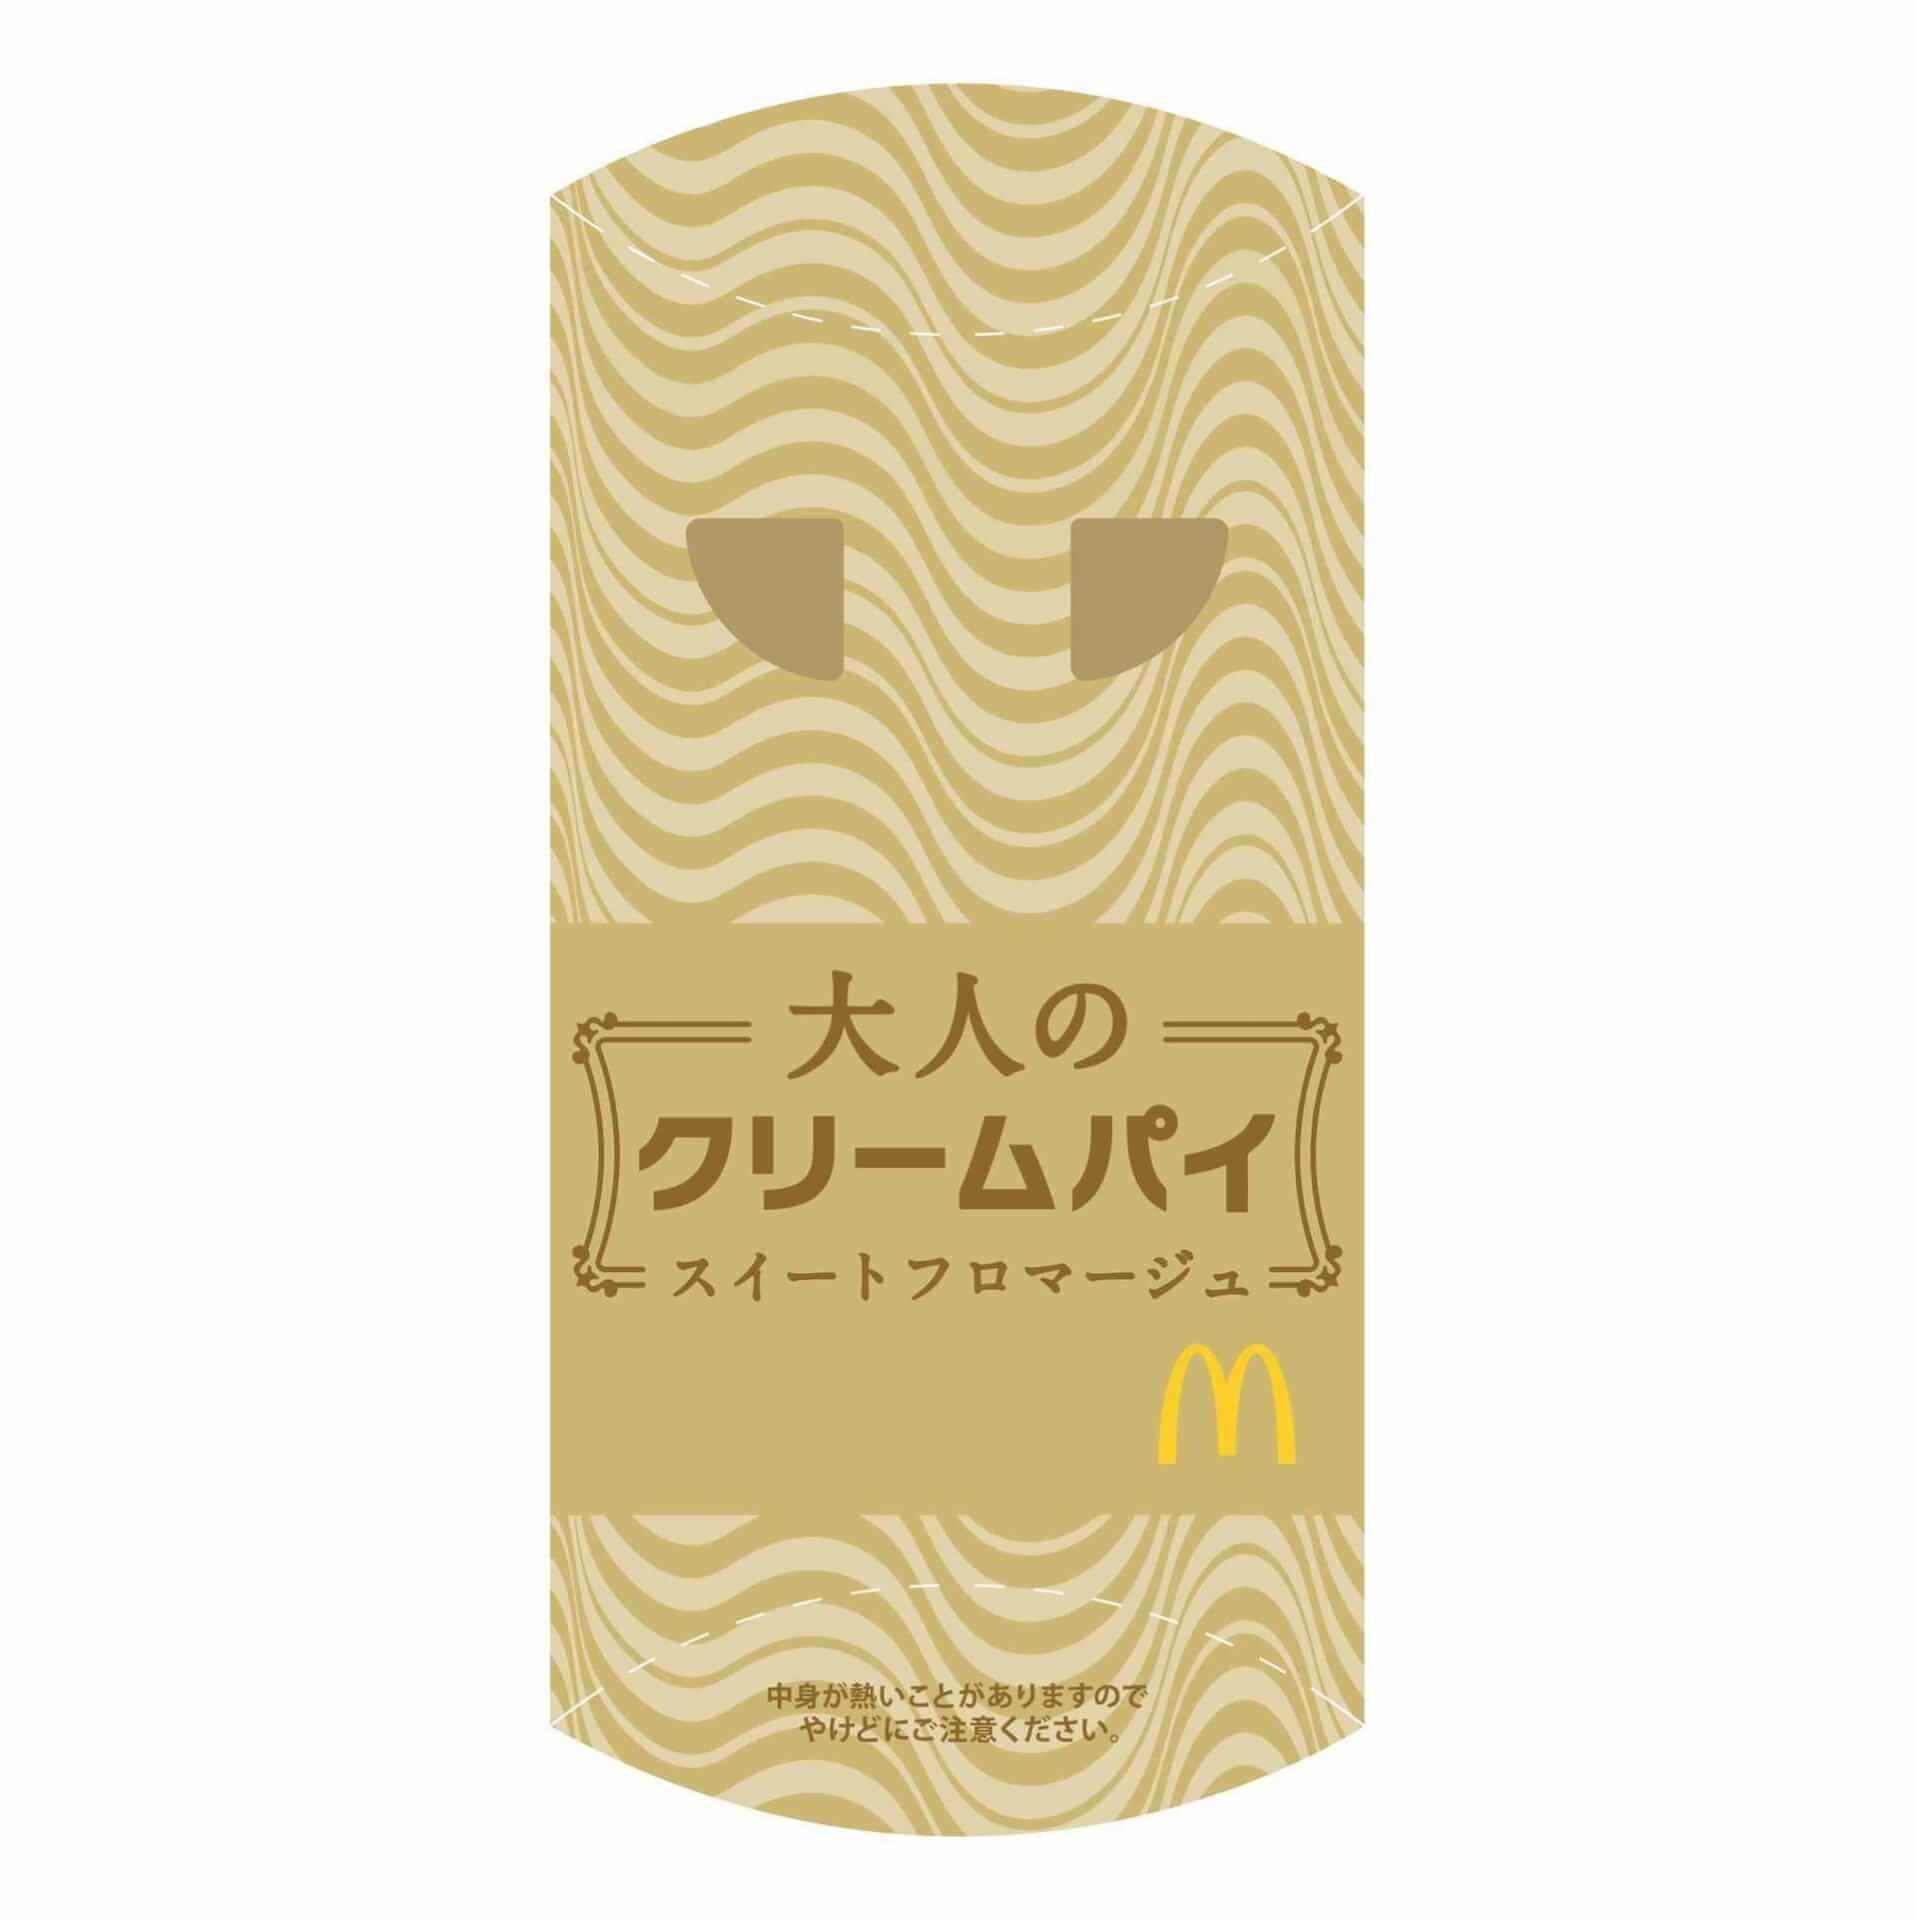 マクドナルドで「大人のクリームパイ」が期間限定発売!dポイントプレゼントキャンペーンも gourmet200115_mcdonald_pie_5